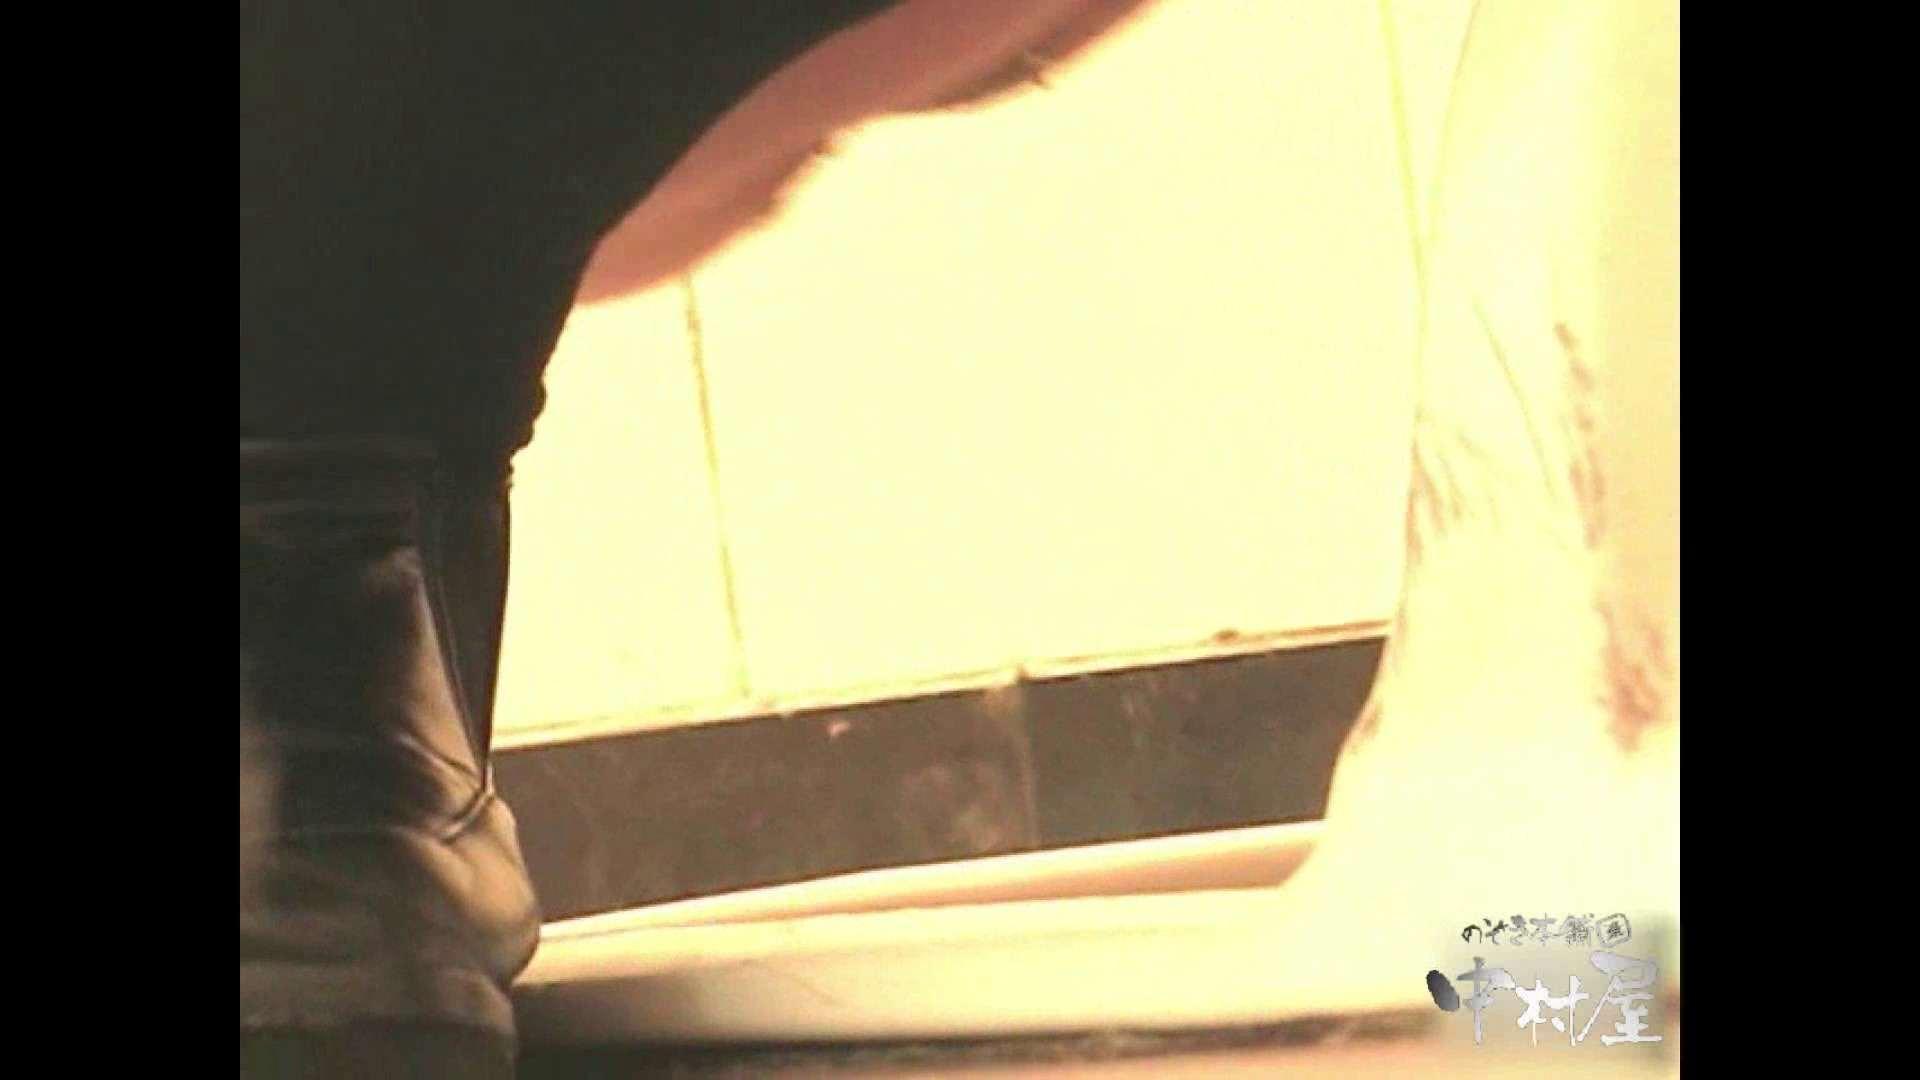 岩手県在住盗撮師盗撮記録vol.01 盗撮師作品 性交動画流出 98pic 91